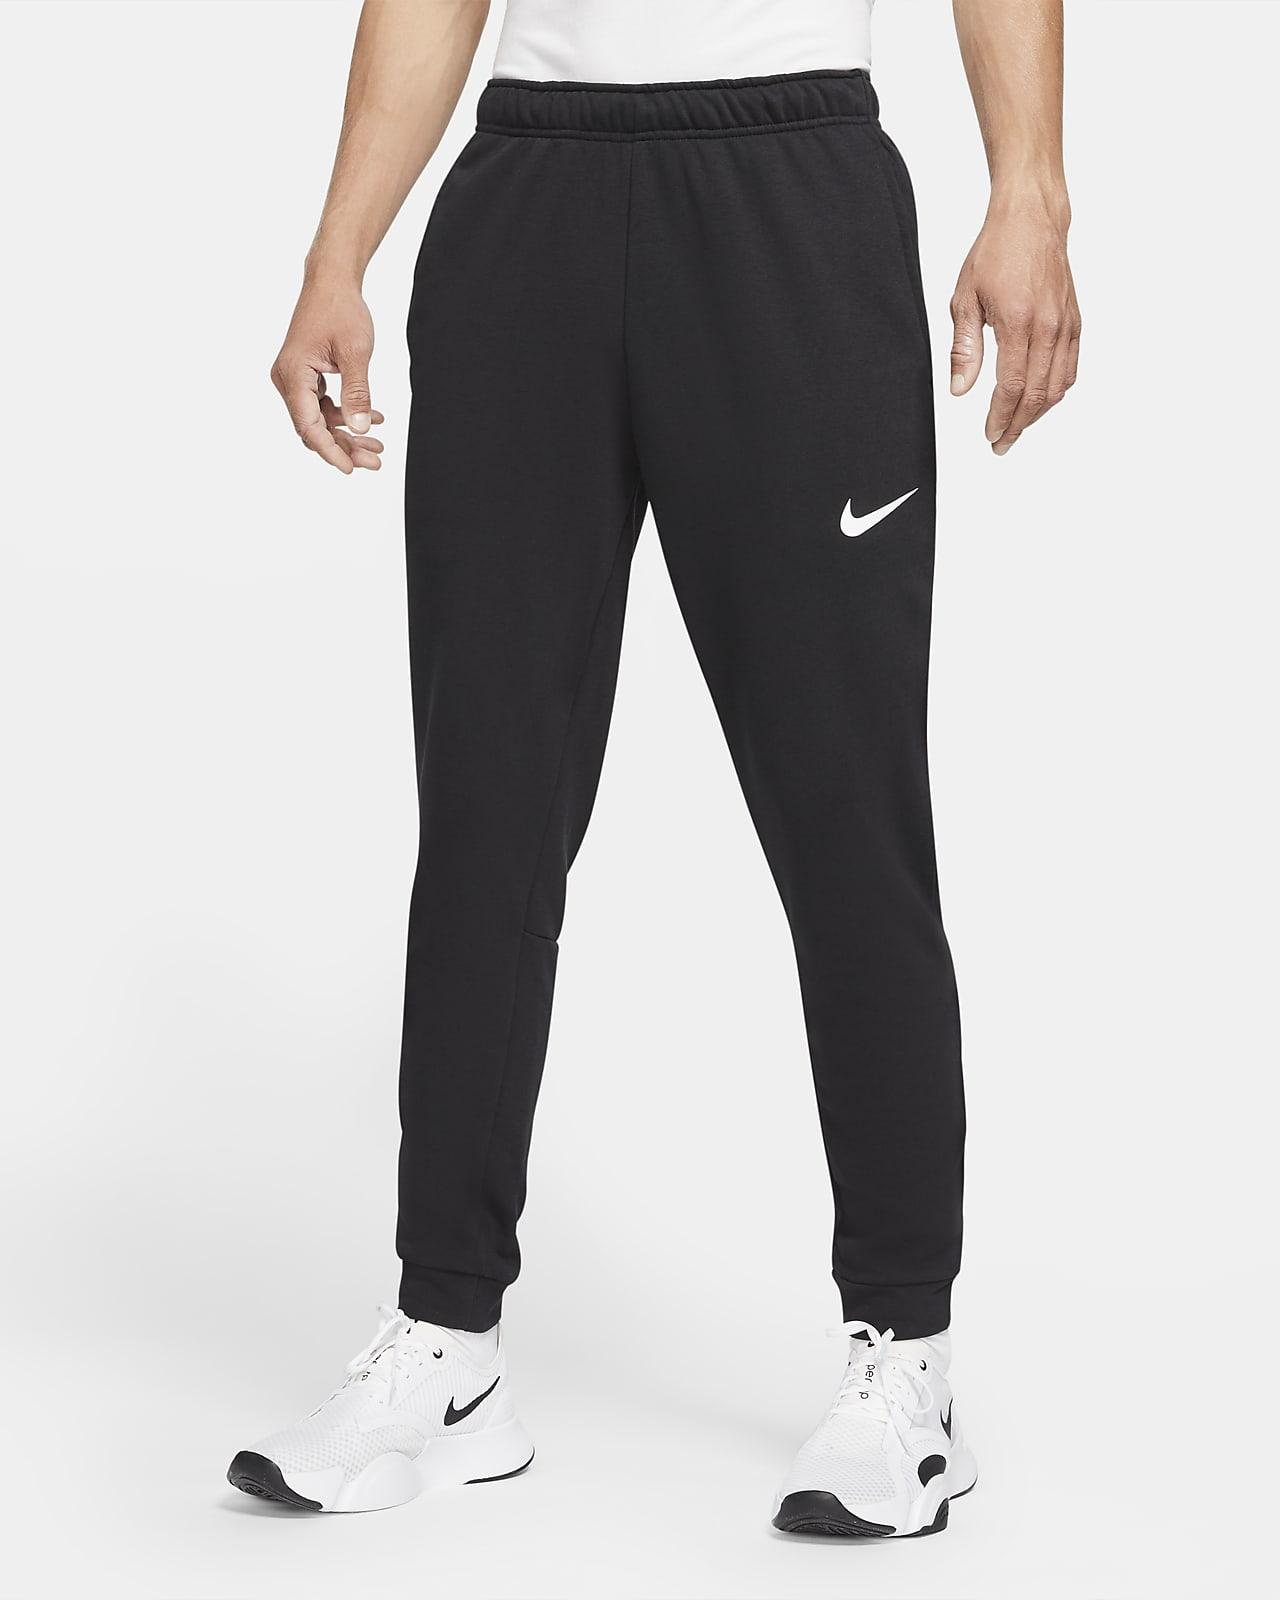 Pantalones de entrenamiento entallados para hombre Nike Dri-FIT